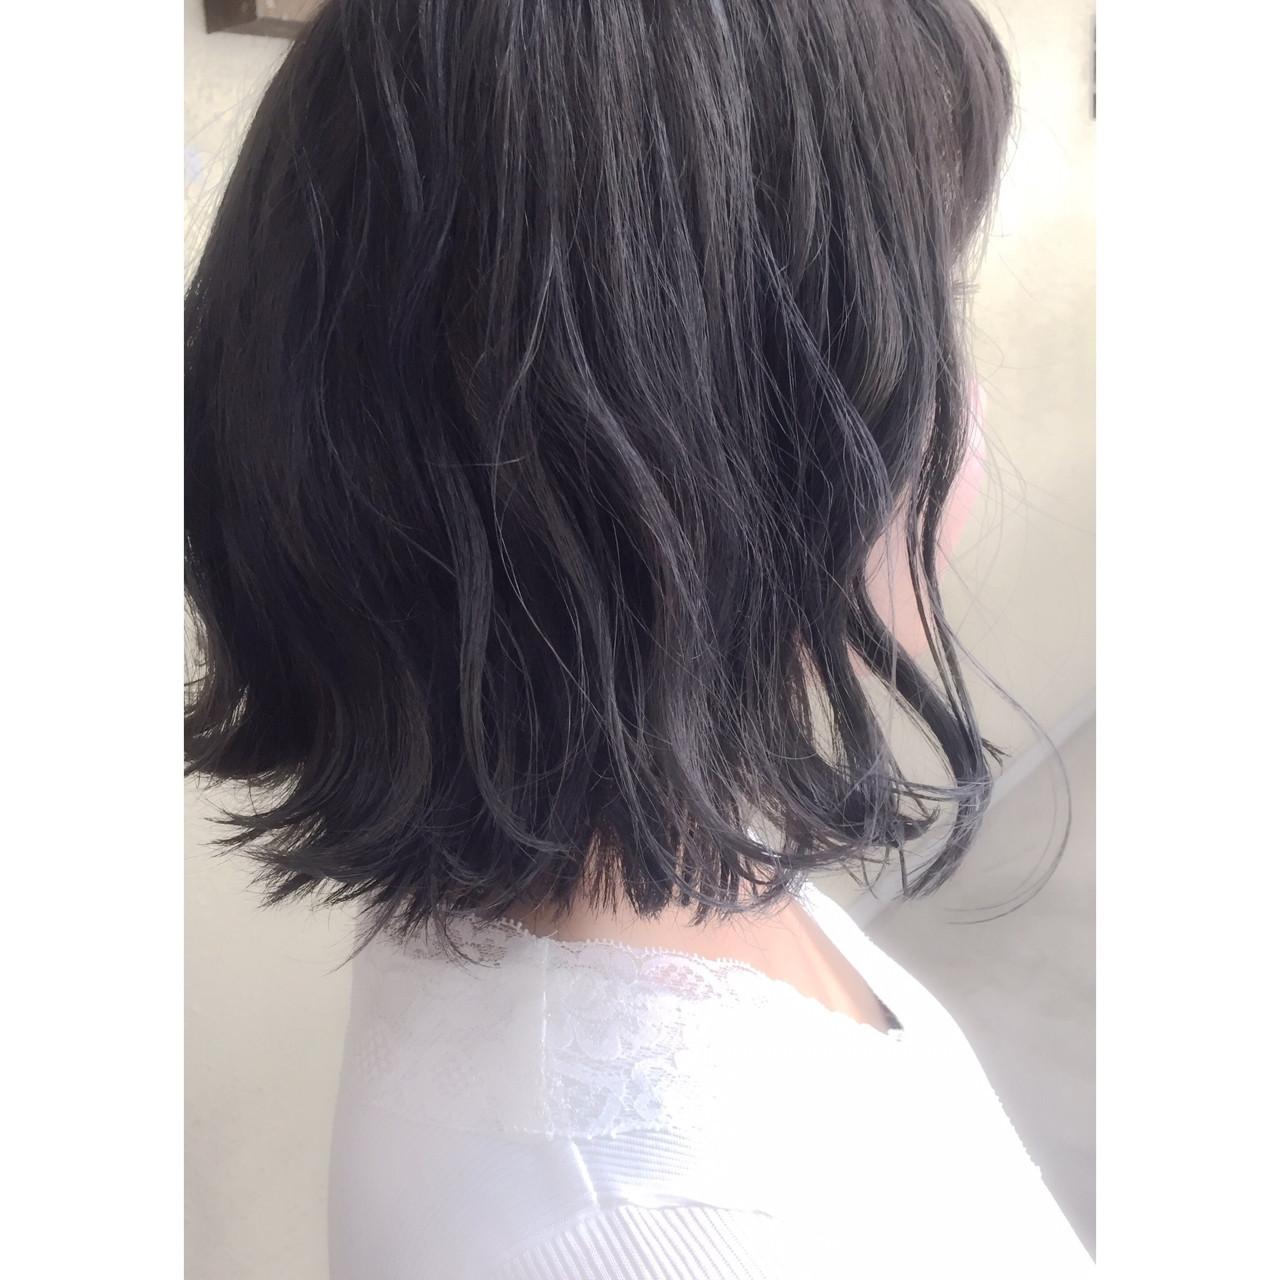 黒髪ではなくネイビーアッシュで艶髪に 前樫 将太